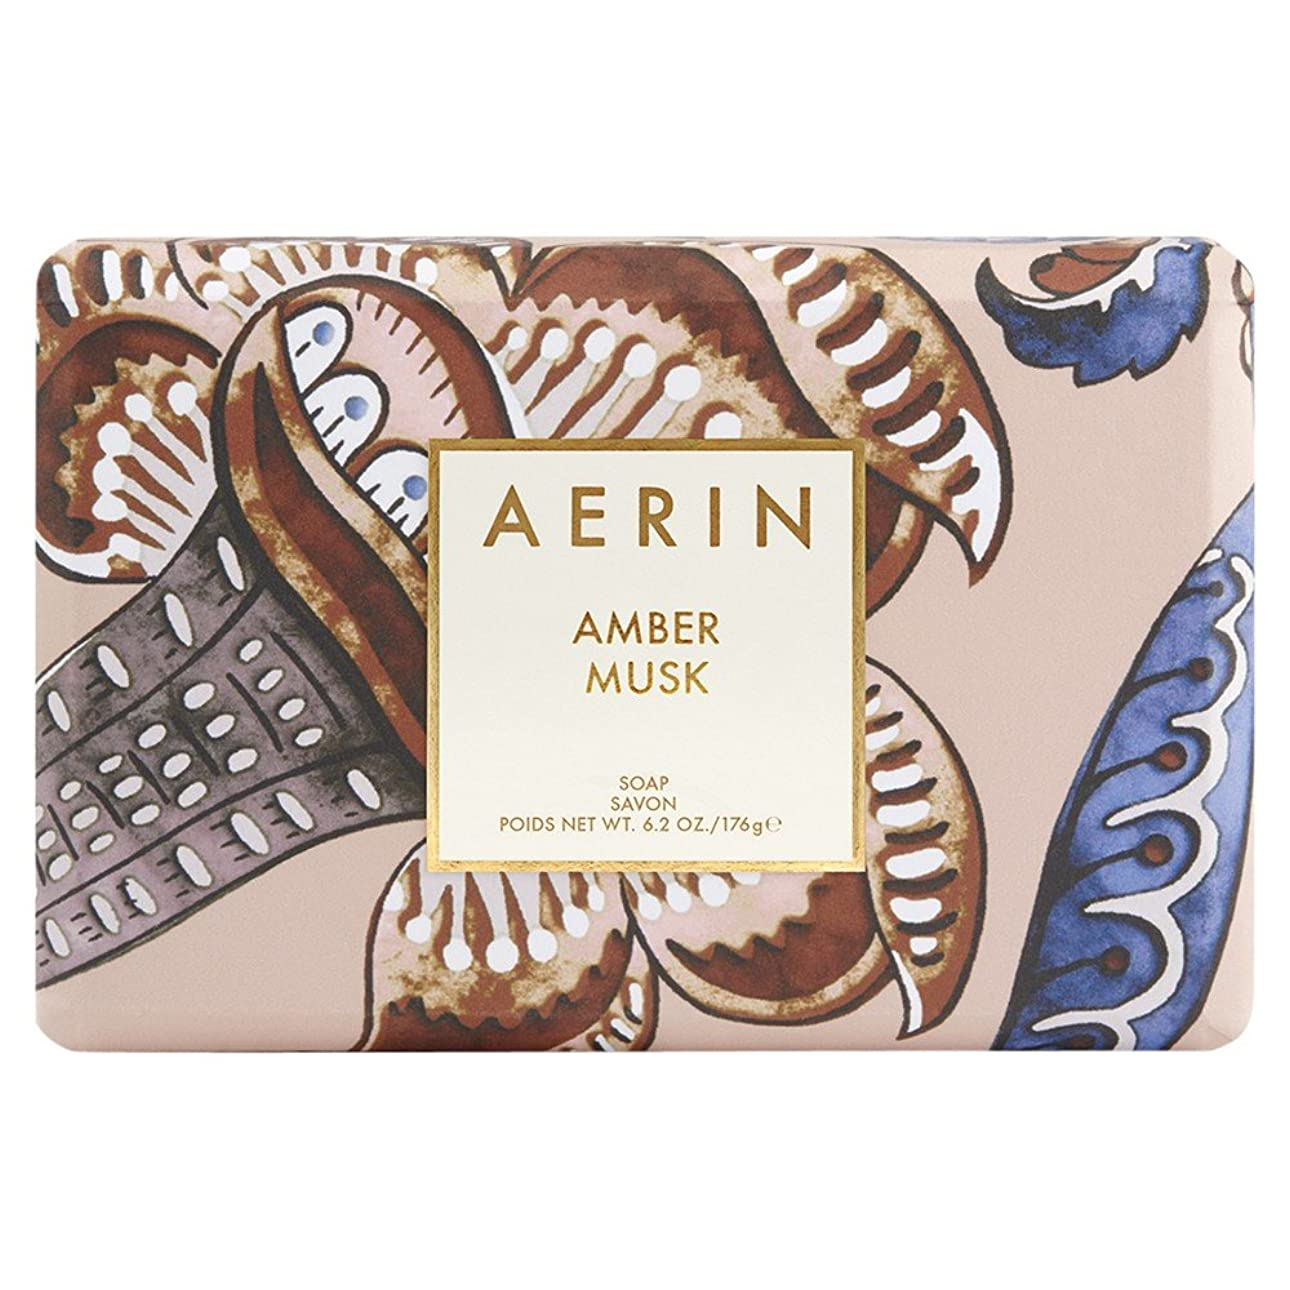 さらに作り上げる開梱Aerinアンバームスクソープ176グラム (AERIN) (x2) - AERIN Amber Musk Soap 176g (Pack of 2) [並行輸入品]